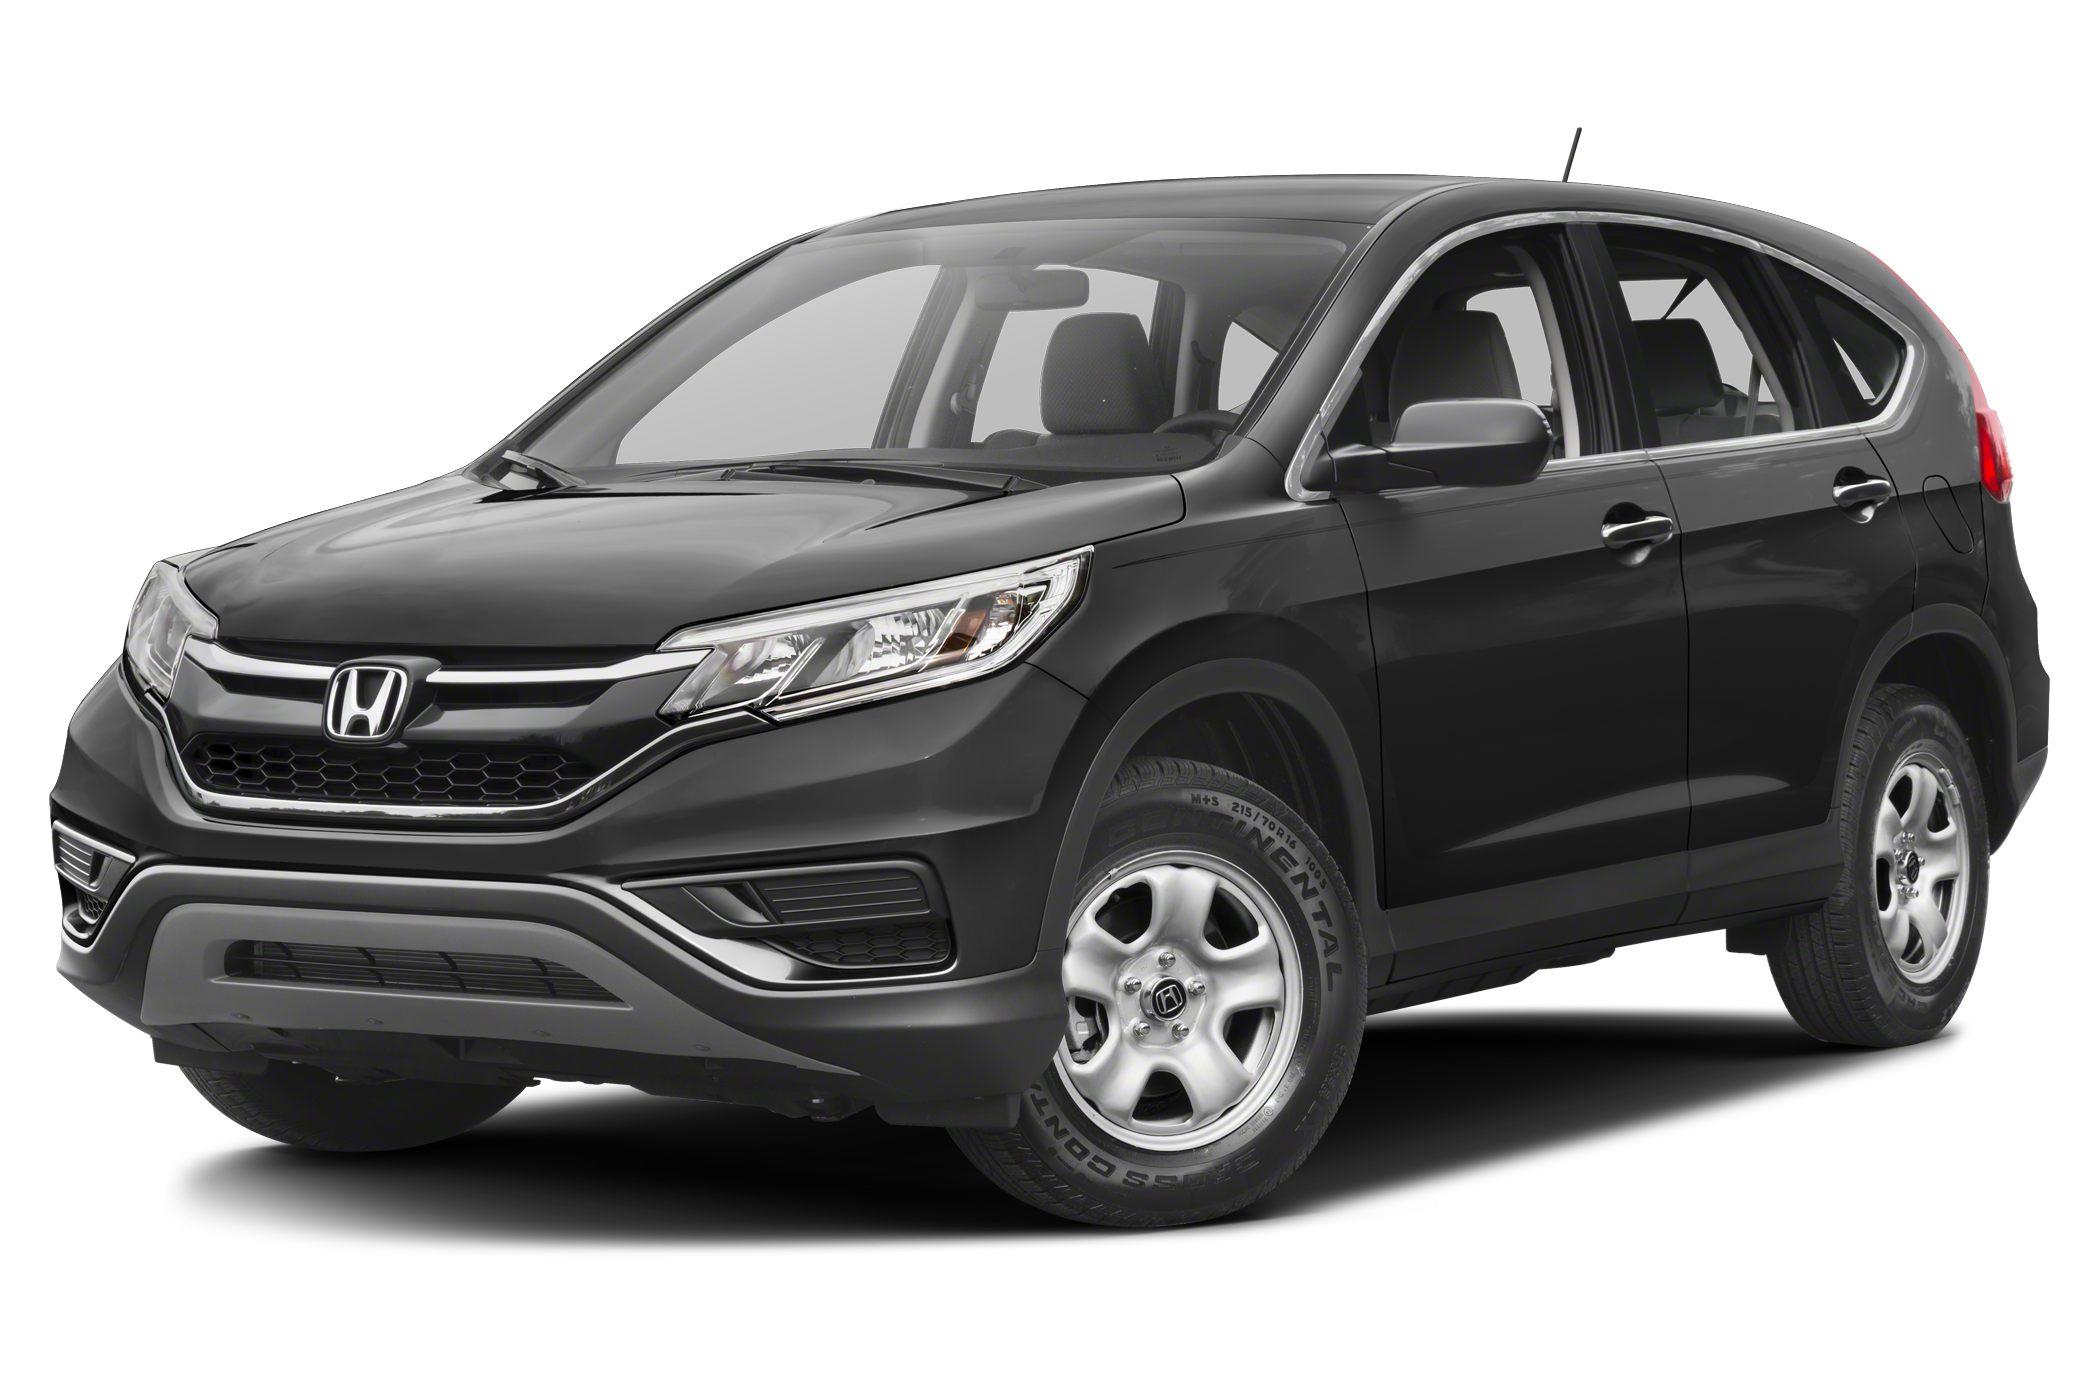 2016 Honda Cr V Photos